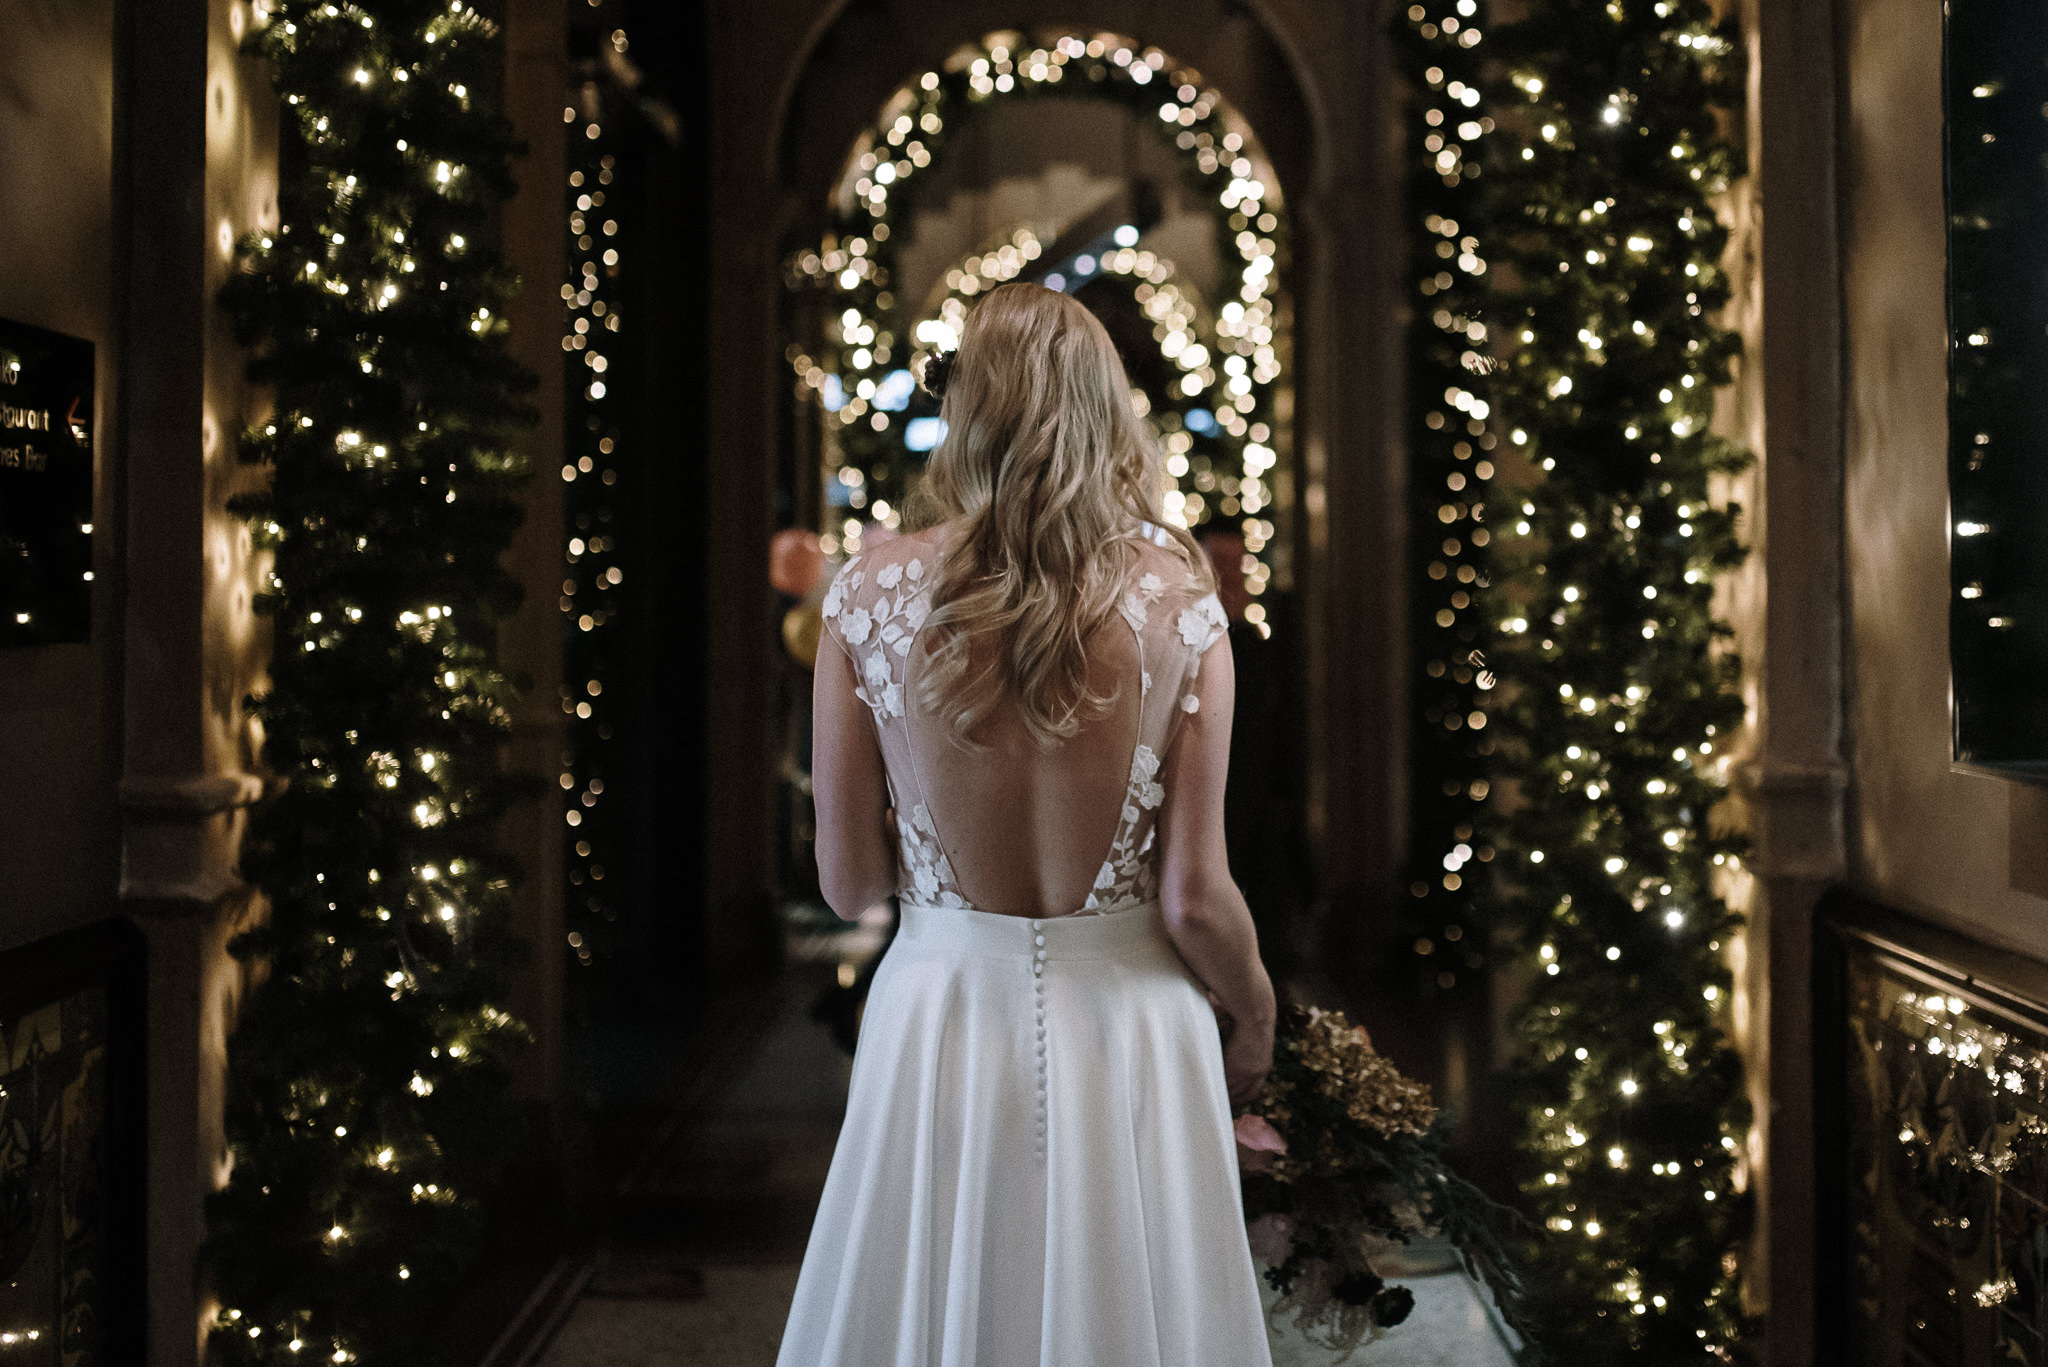 Trouwen in de winter | Winterbruiloft | Stijlvolle trouwfoto's | Trouwen met kerst | Kerstbruiloft | Bruiloft kerst thema